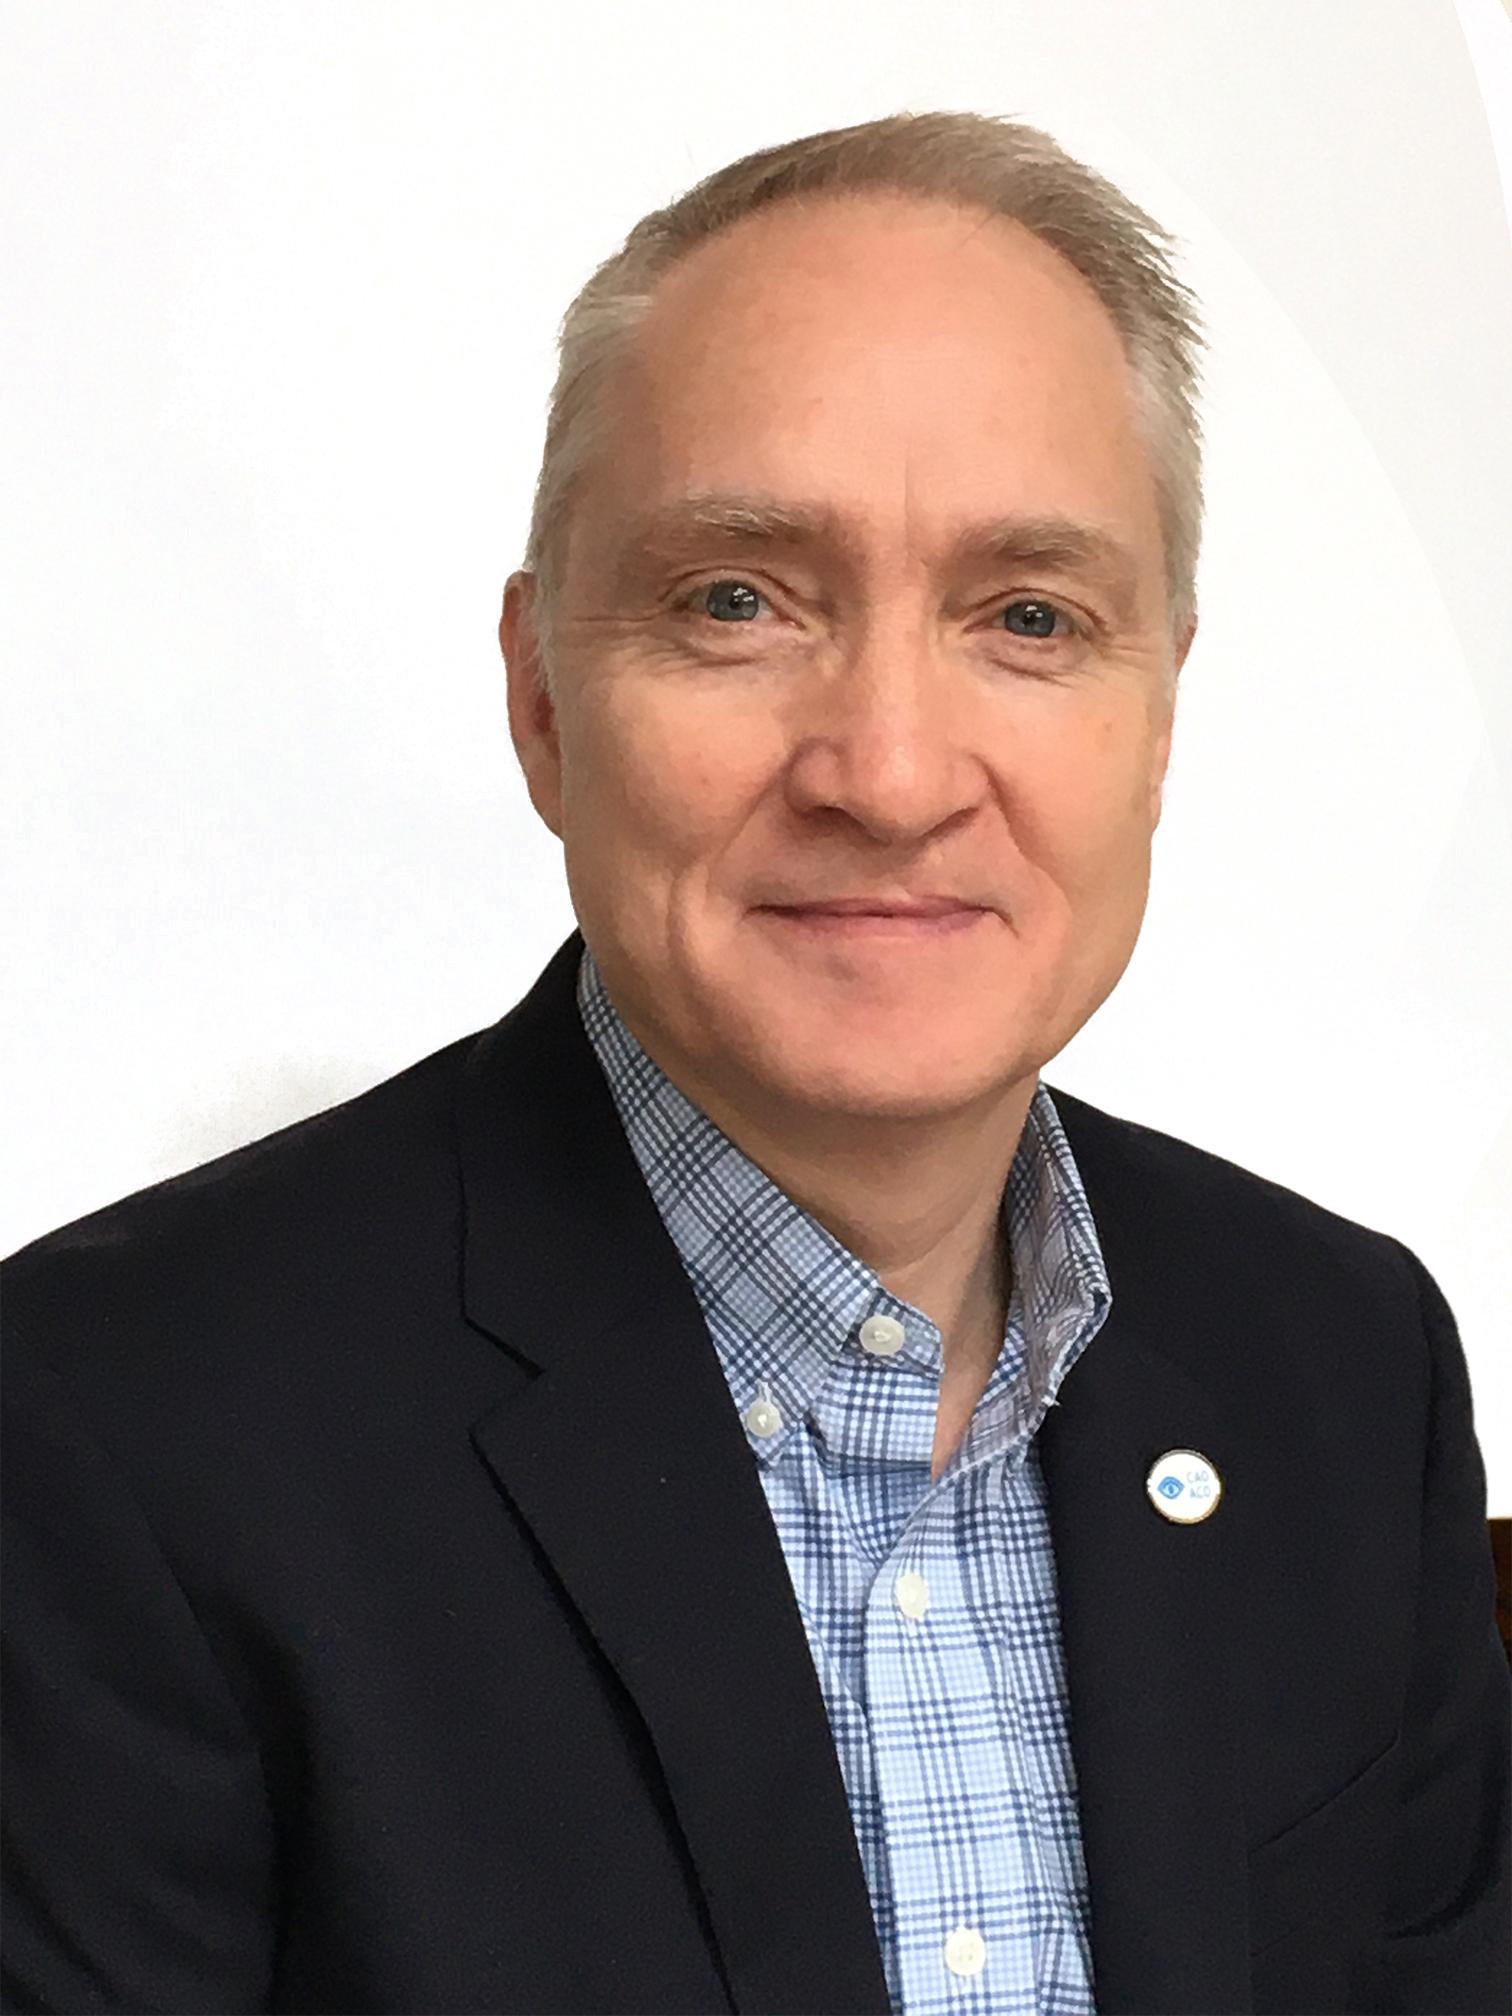 Dr. Harry Bohnsack